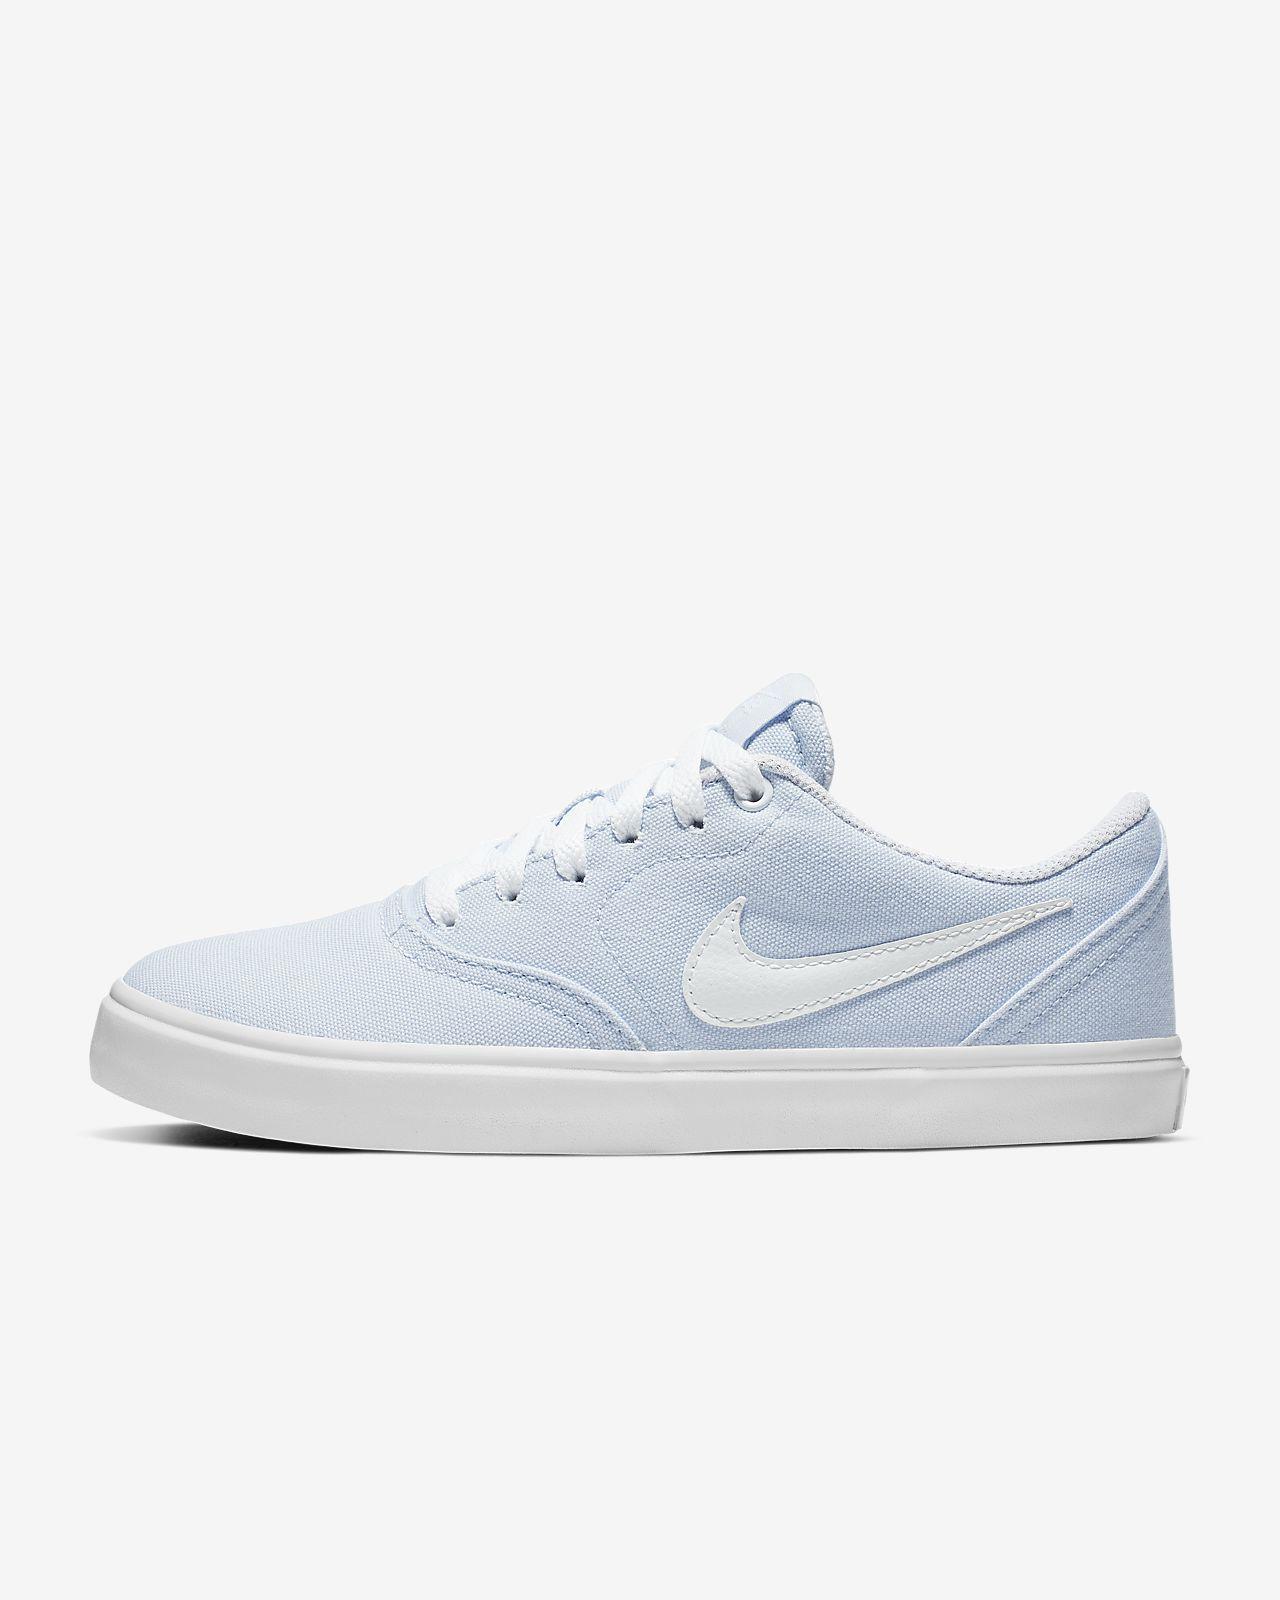 Calzado de skateboarding para mujer Nike SB Check Solarsoft Canvas